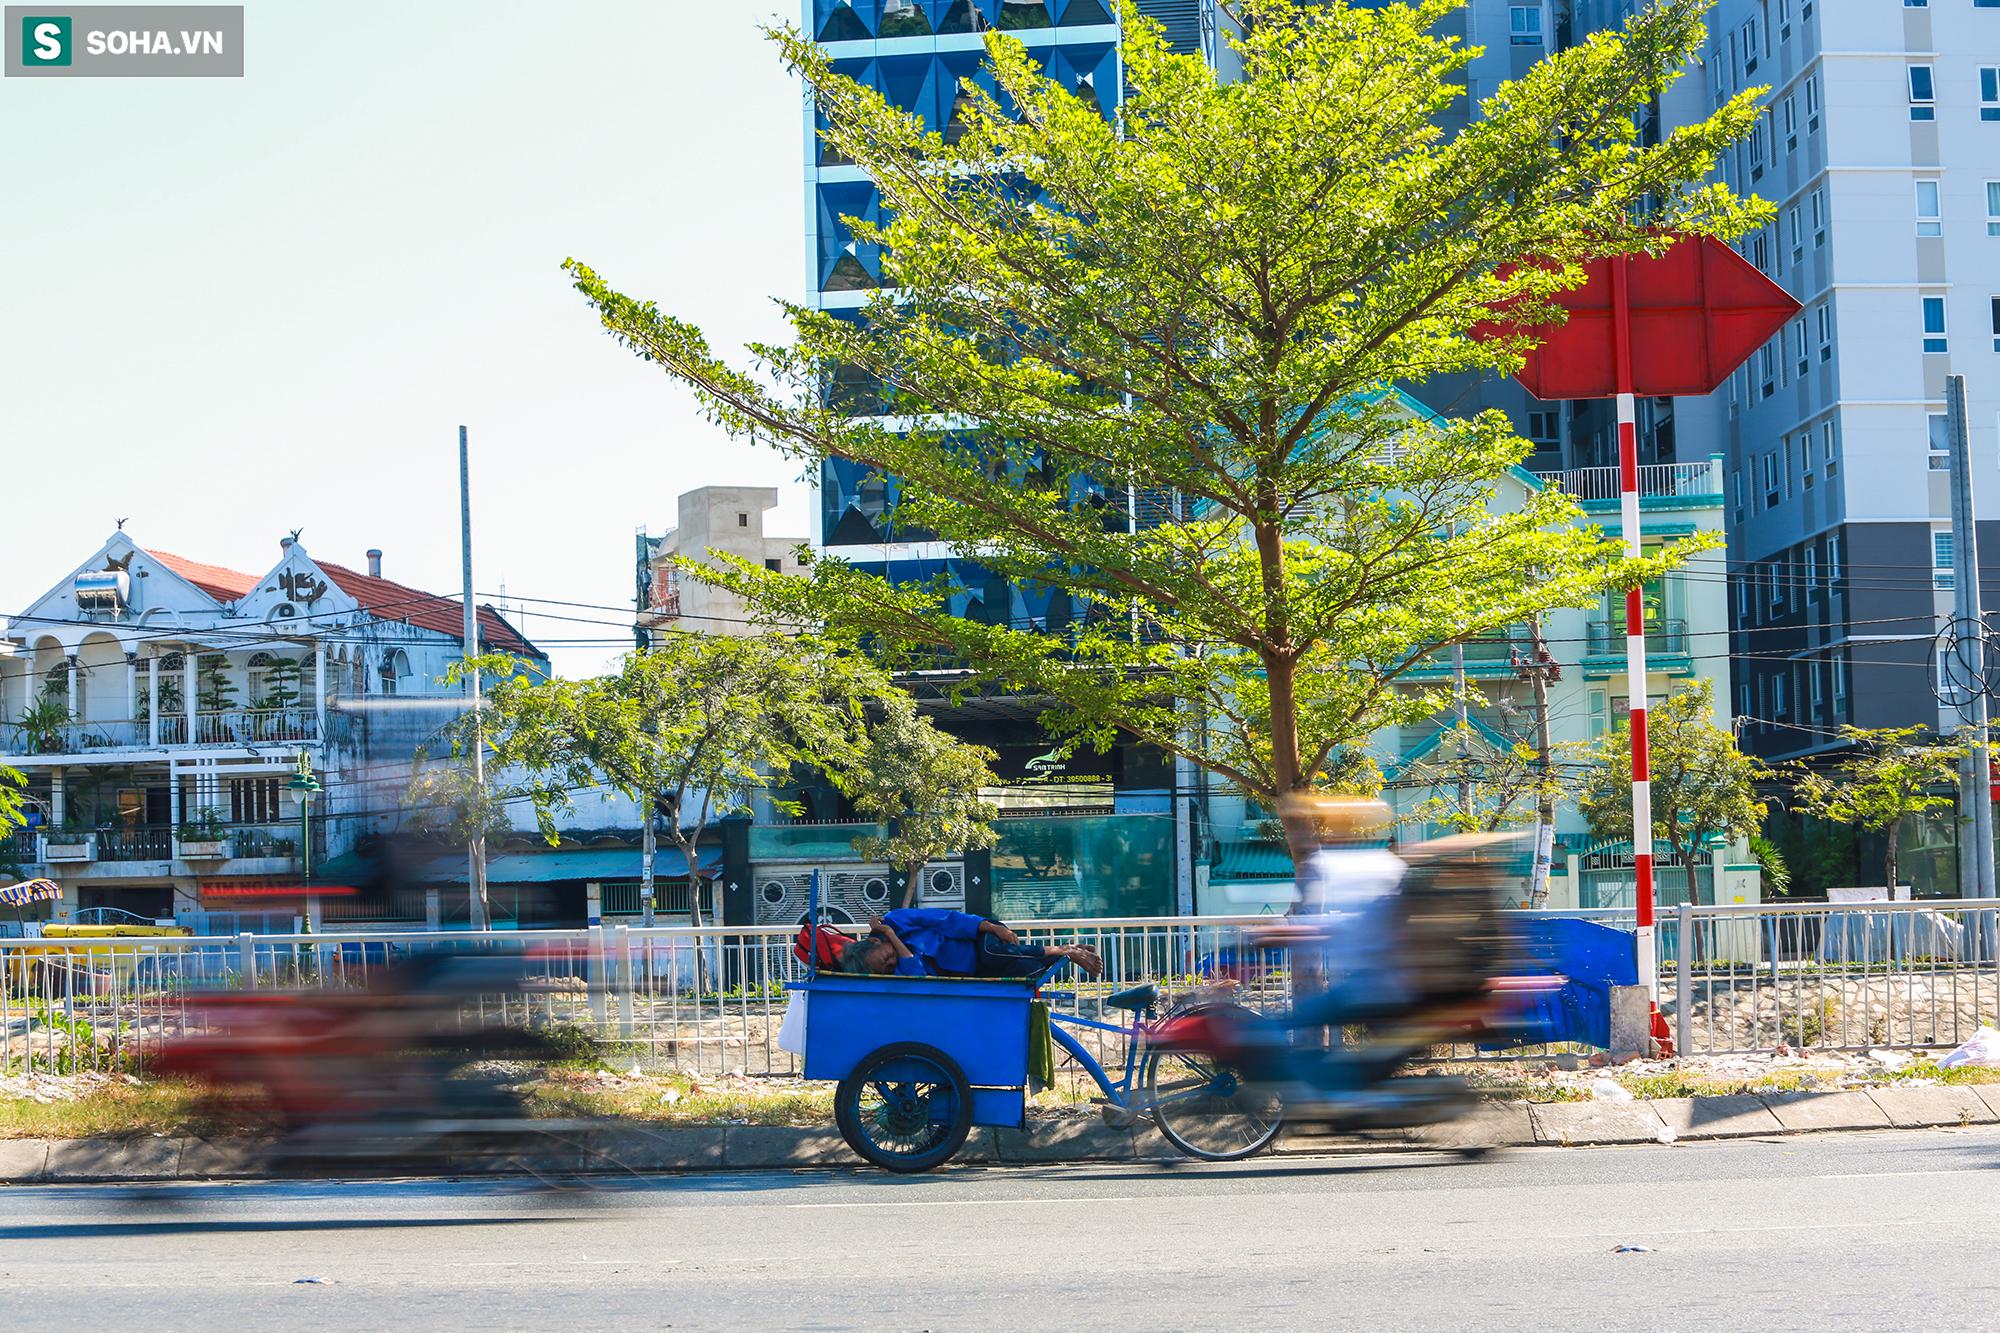 [ẢNH] Đường Sài Gòn nóng như thiêu, người dân vật vã tránh nóng ở góc cây, gầm cầu - Ảnh 14.